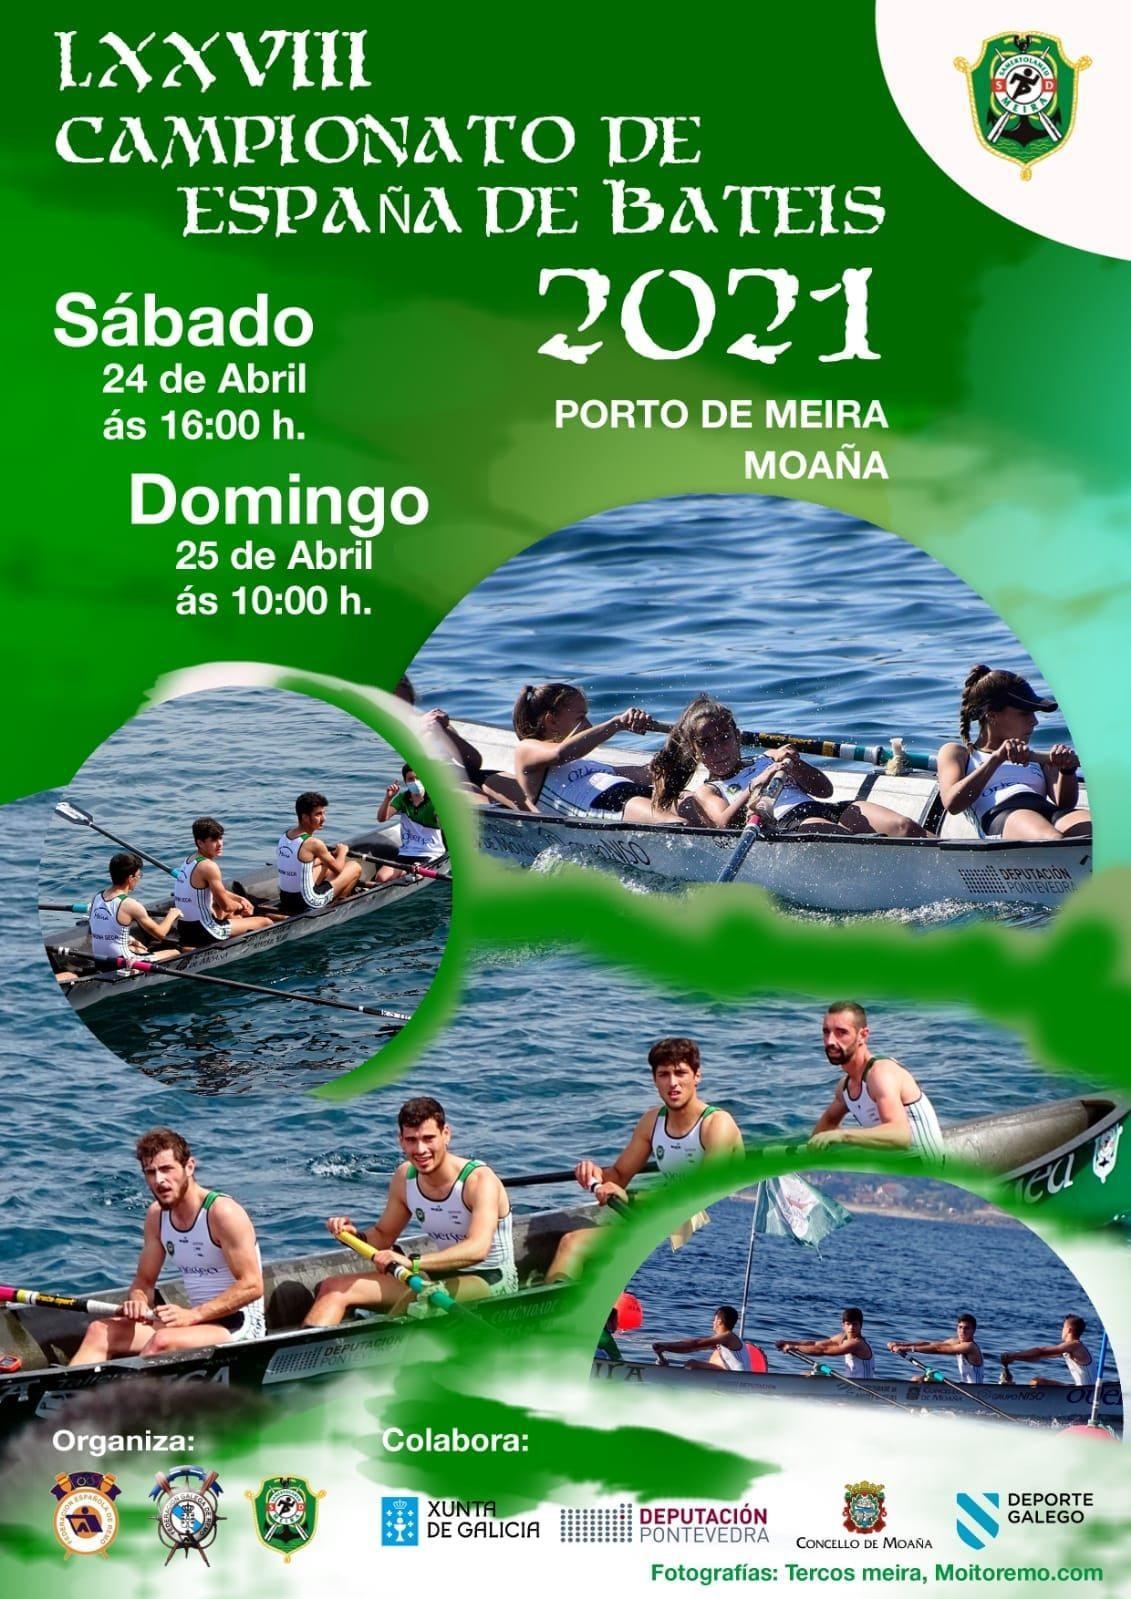 LXXVIII CAMPEONATO DE ESPAÑA DE BATELES en Meira, Moaña 2021